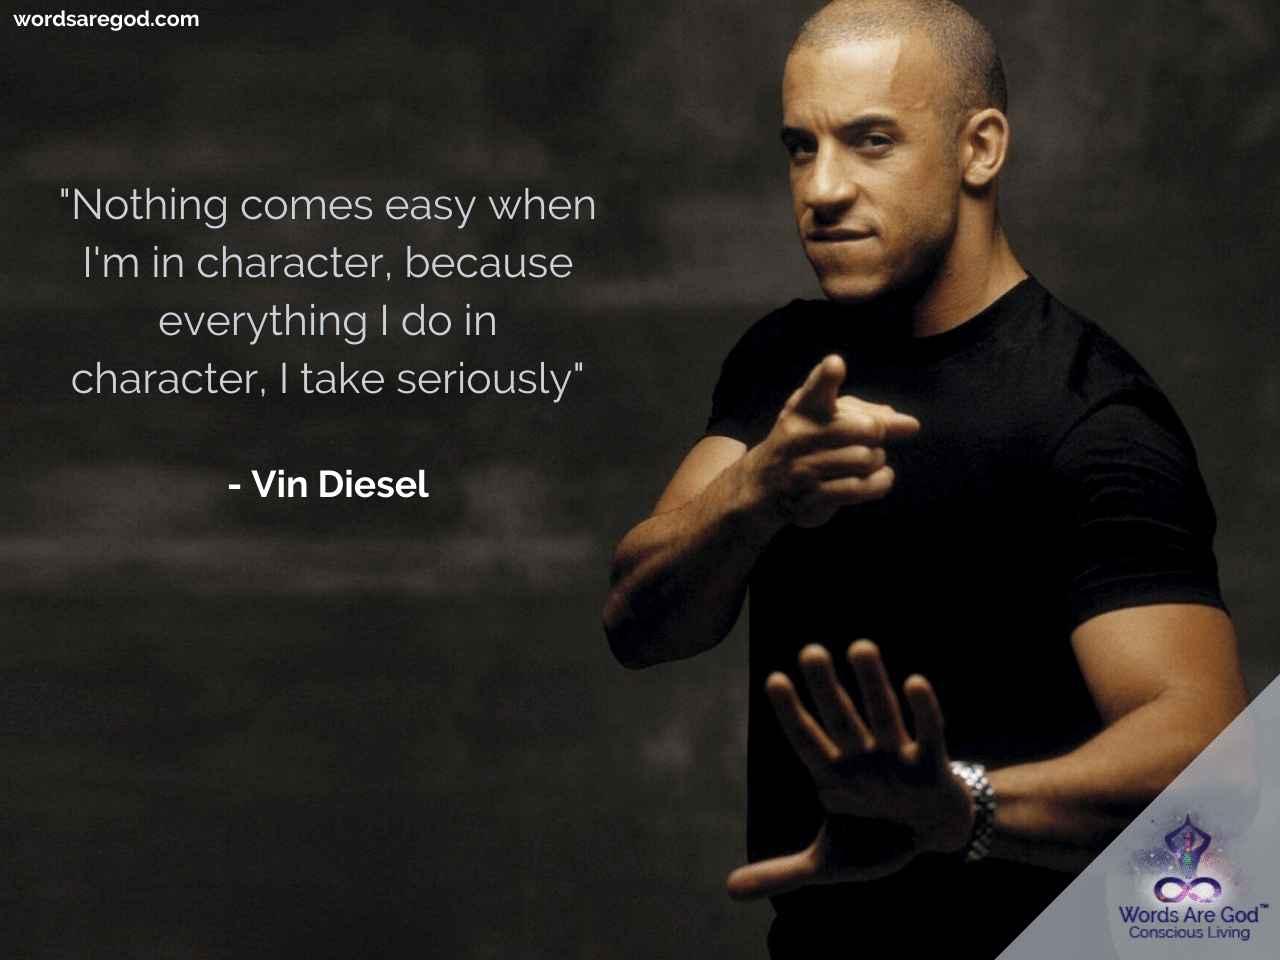 Vin Diesel Life Quote